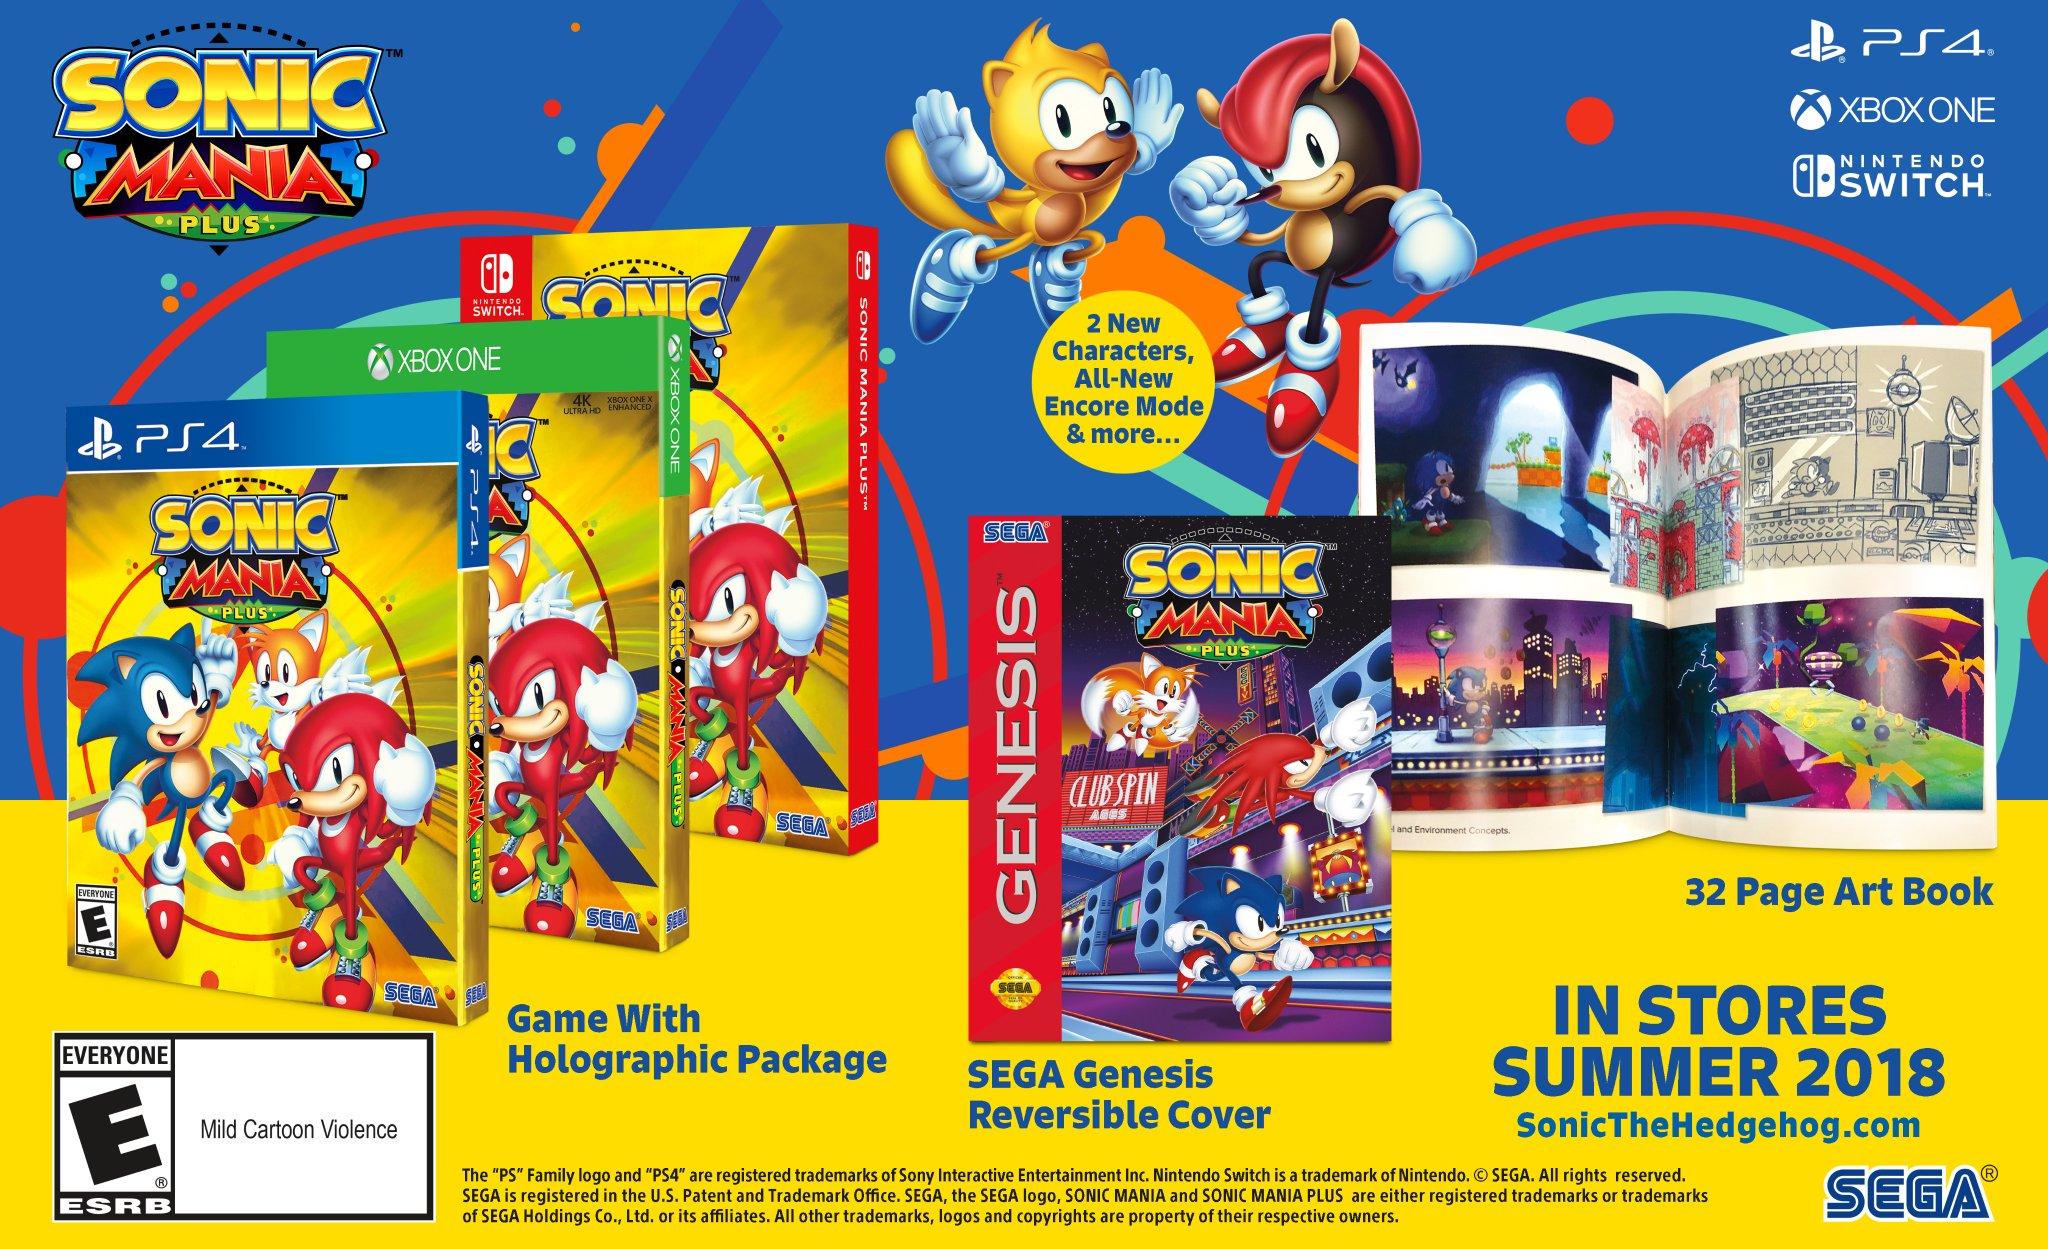 SEGA anuncia versão física de Sonic Mania para o Nintendo Switch